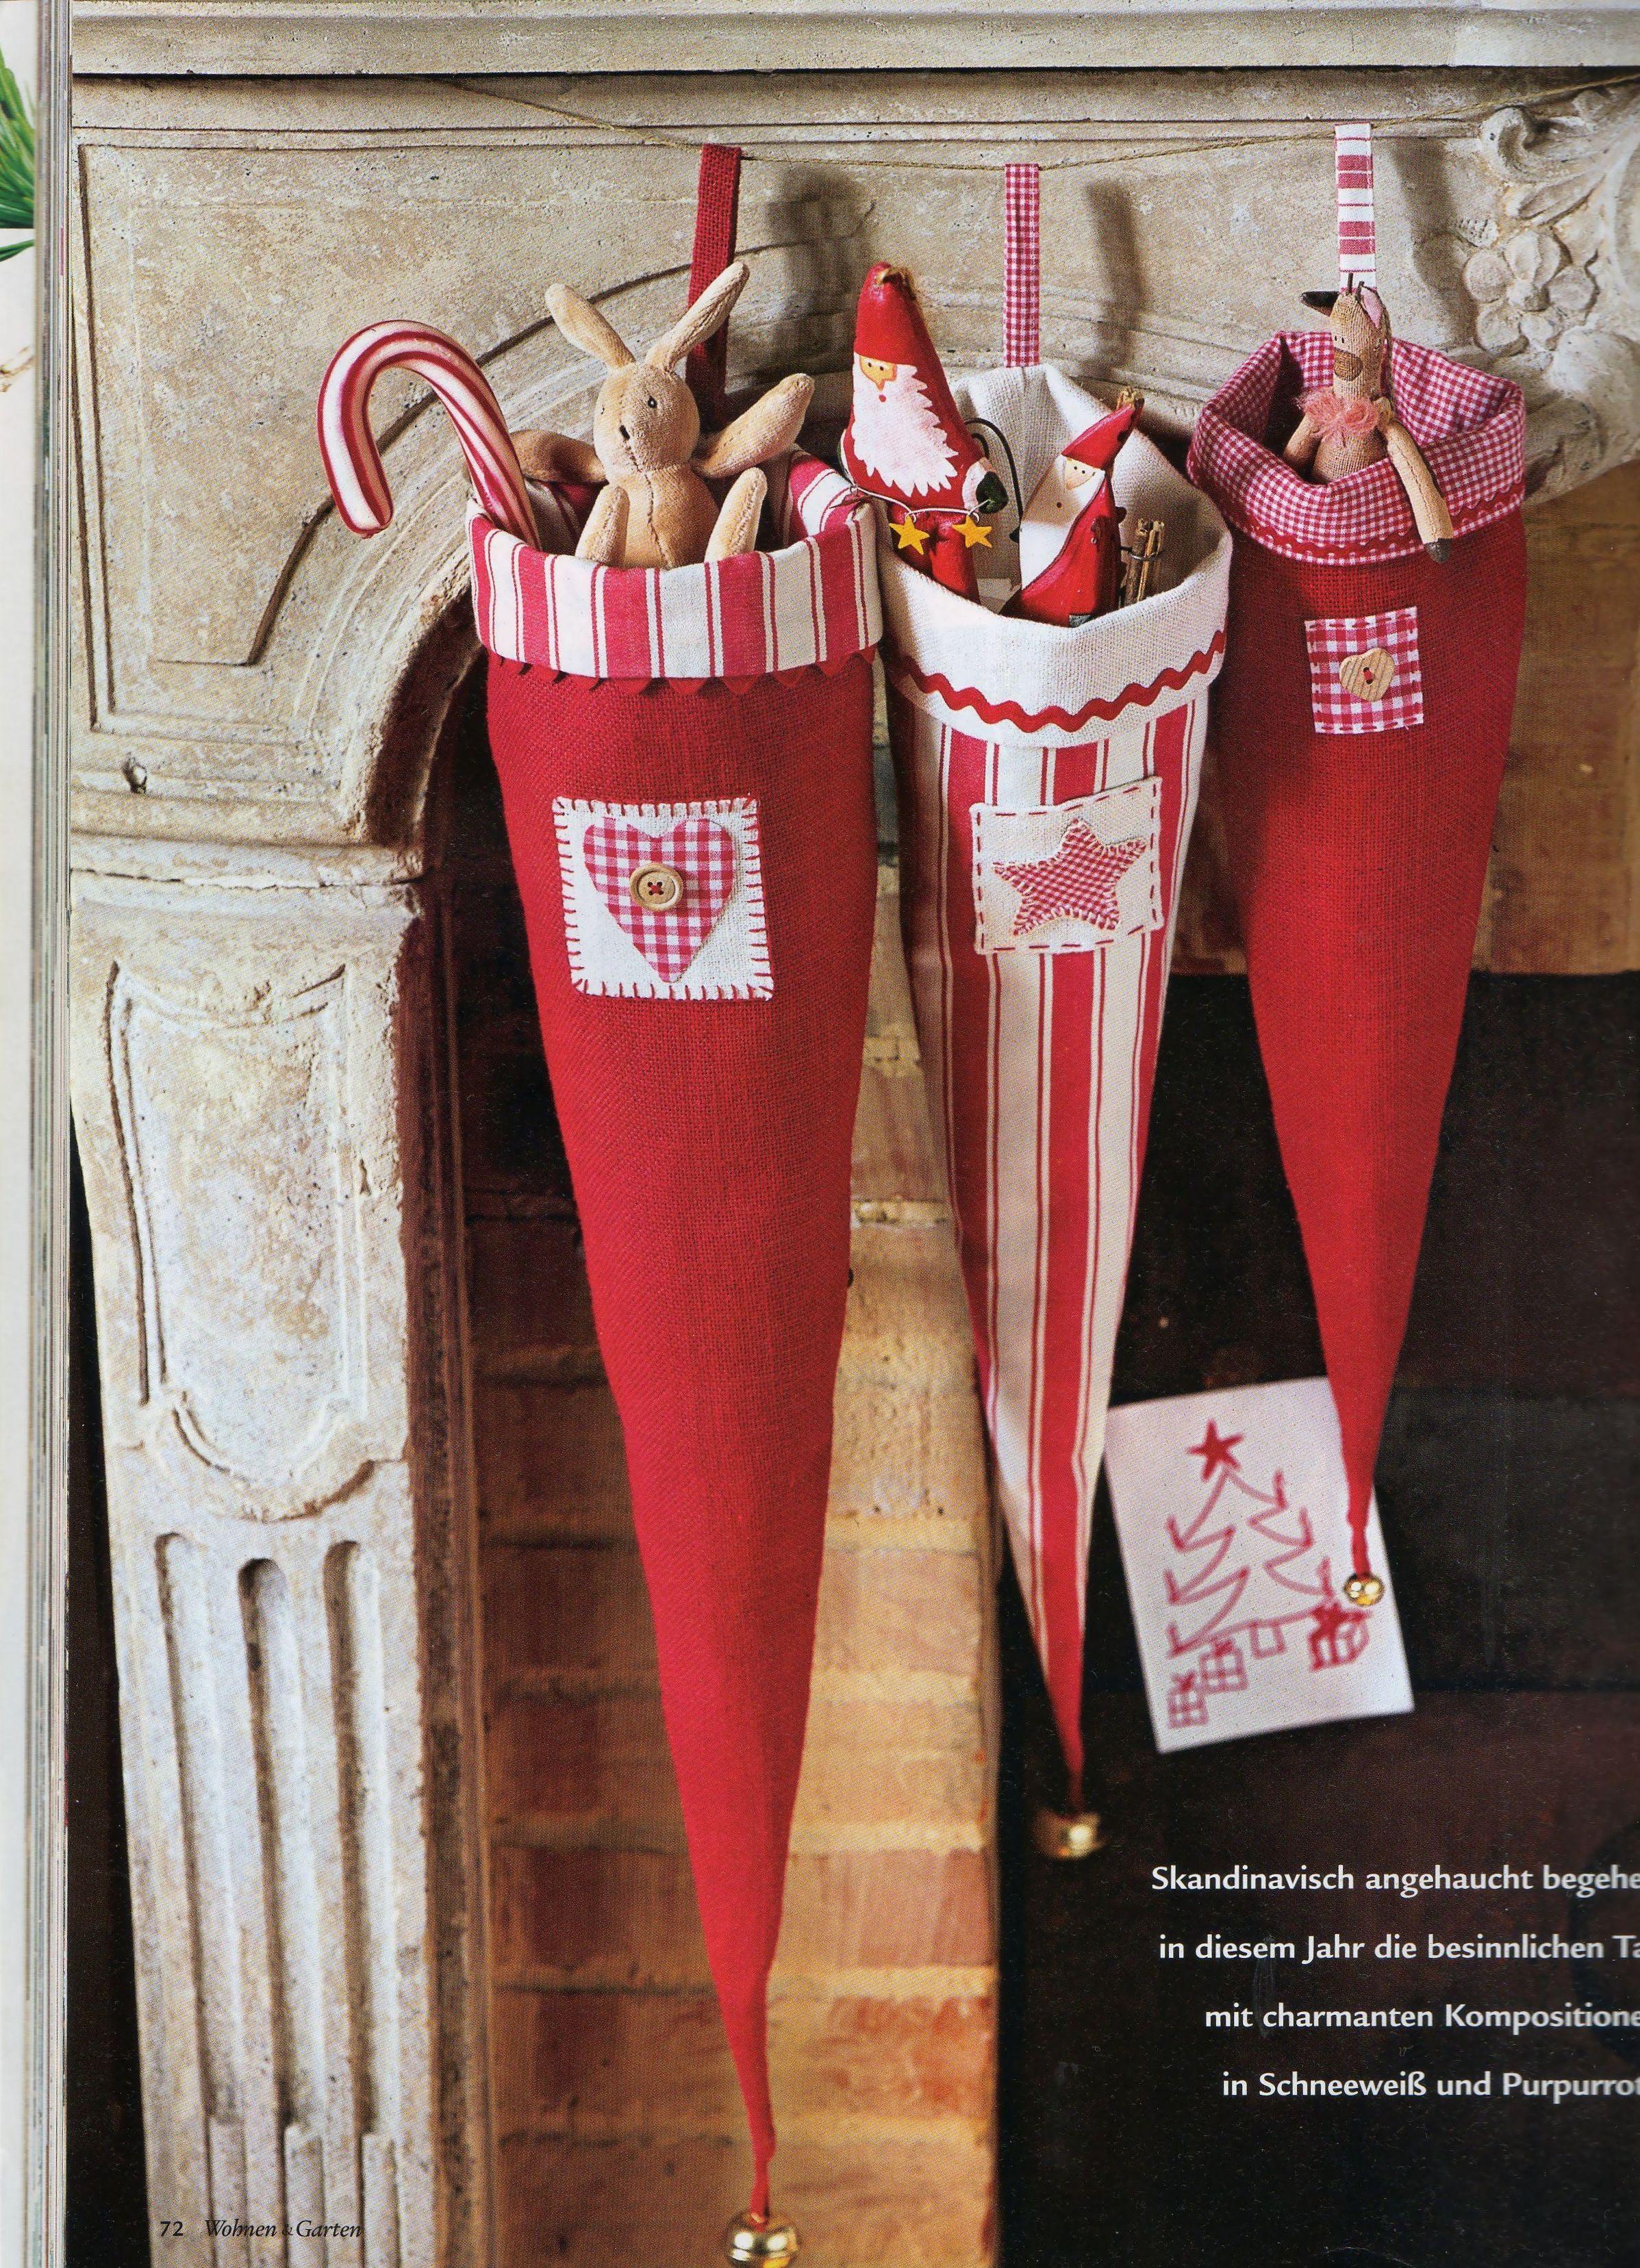 Garten Magazine decor wohnen und garten magazine